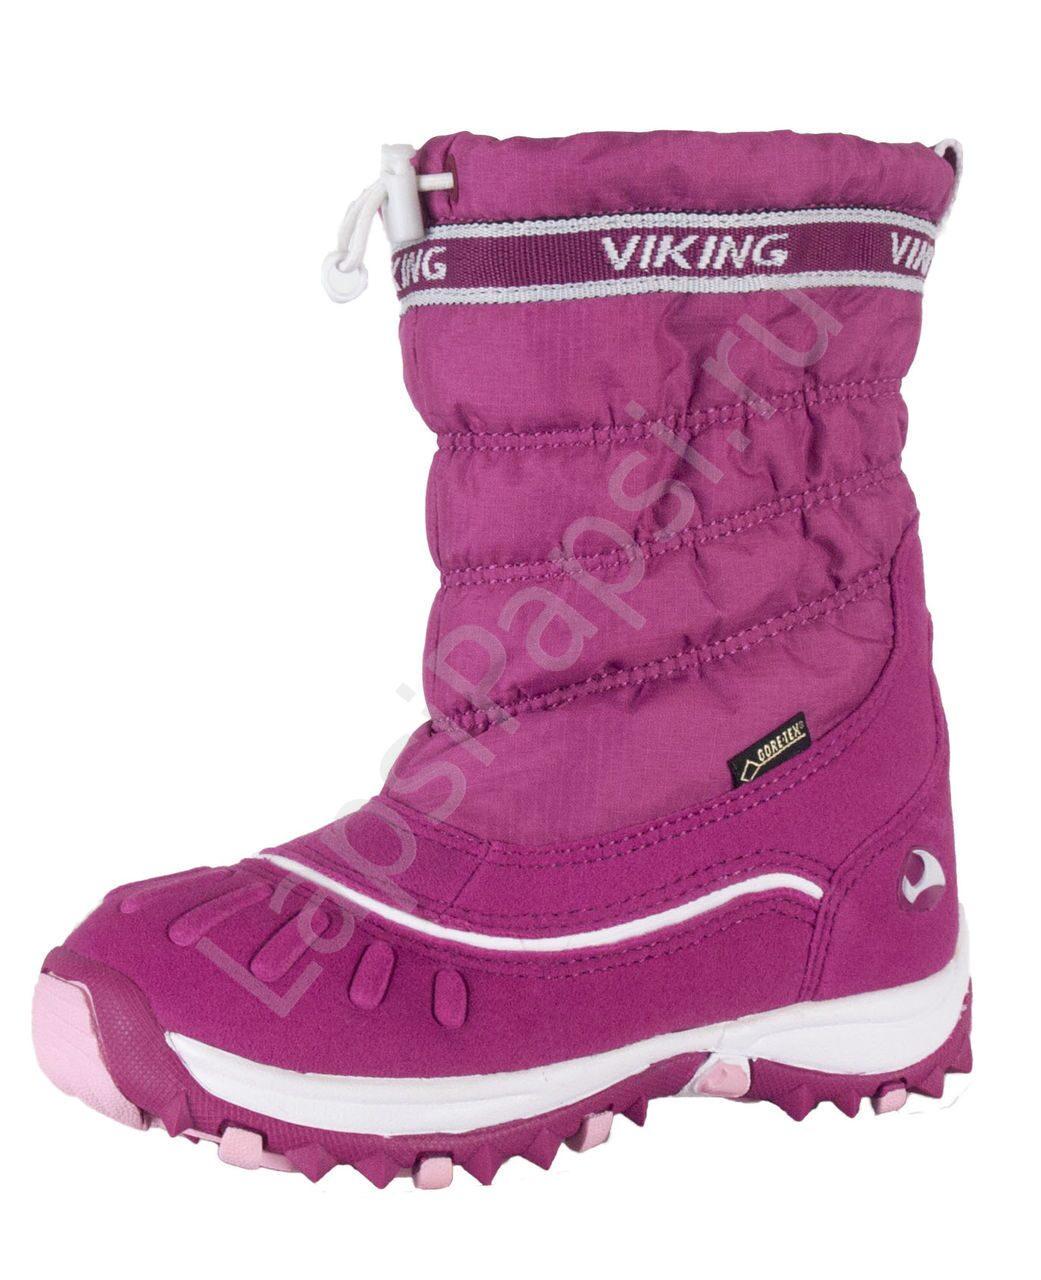 Детская обувь VIKING (зимние ботинки и полусапоги